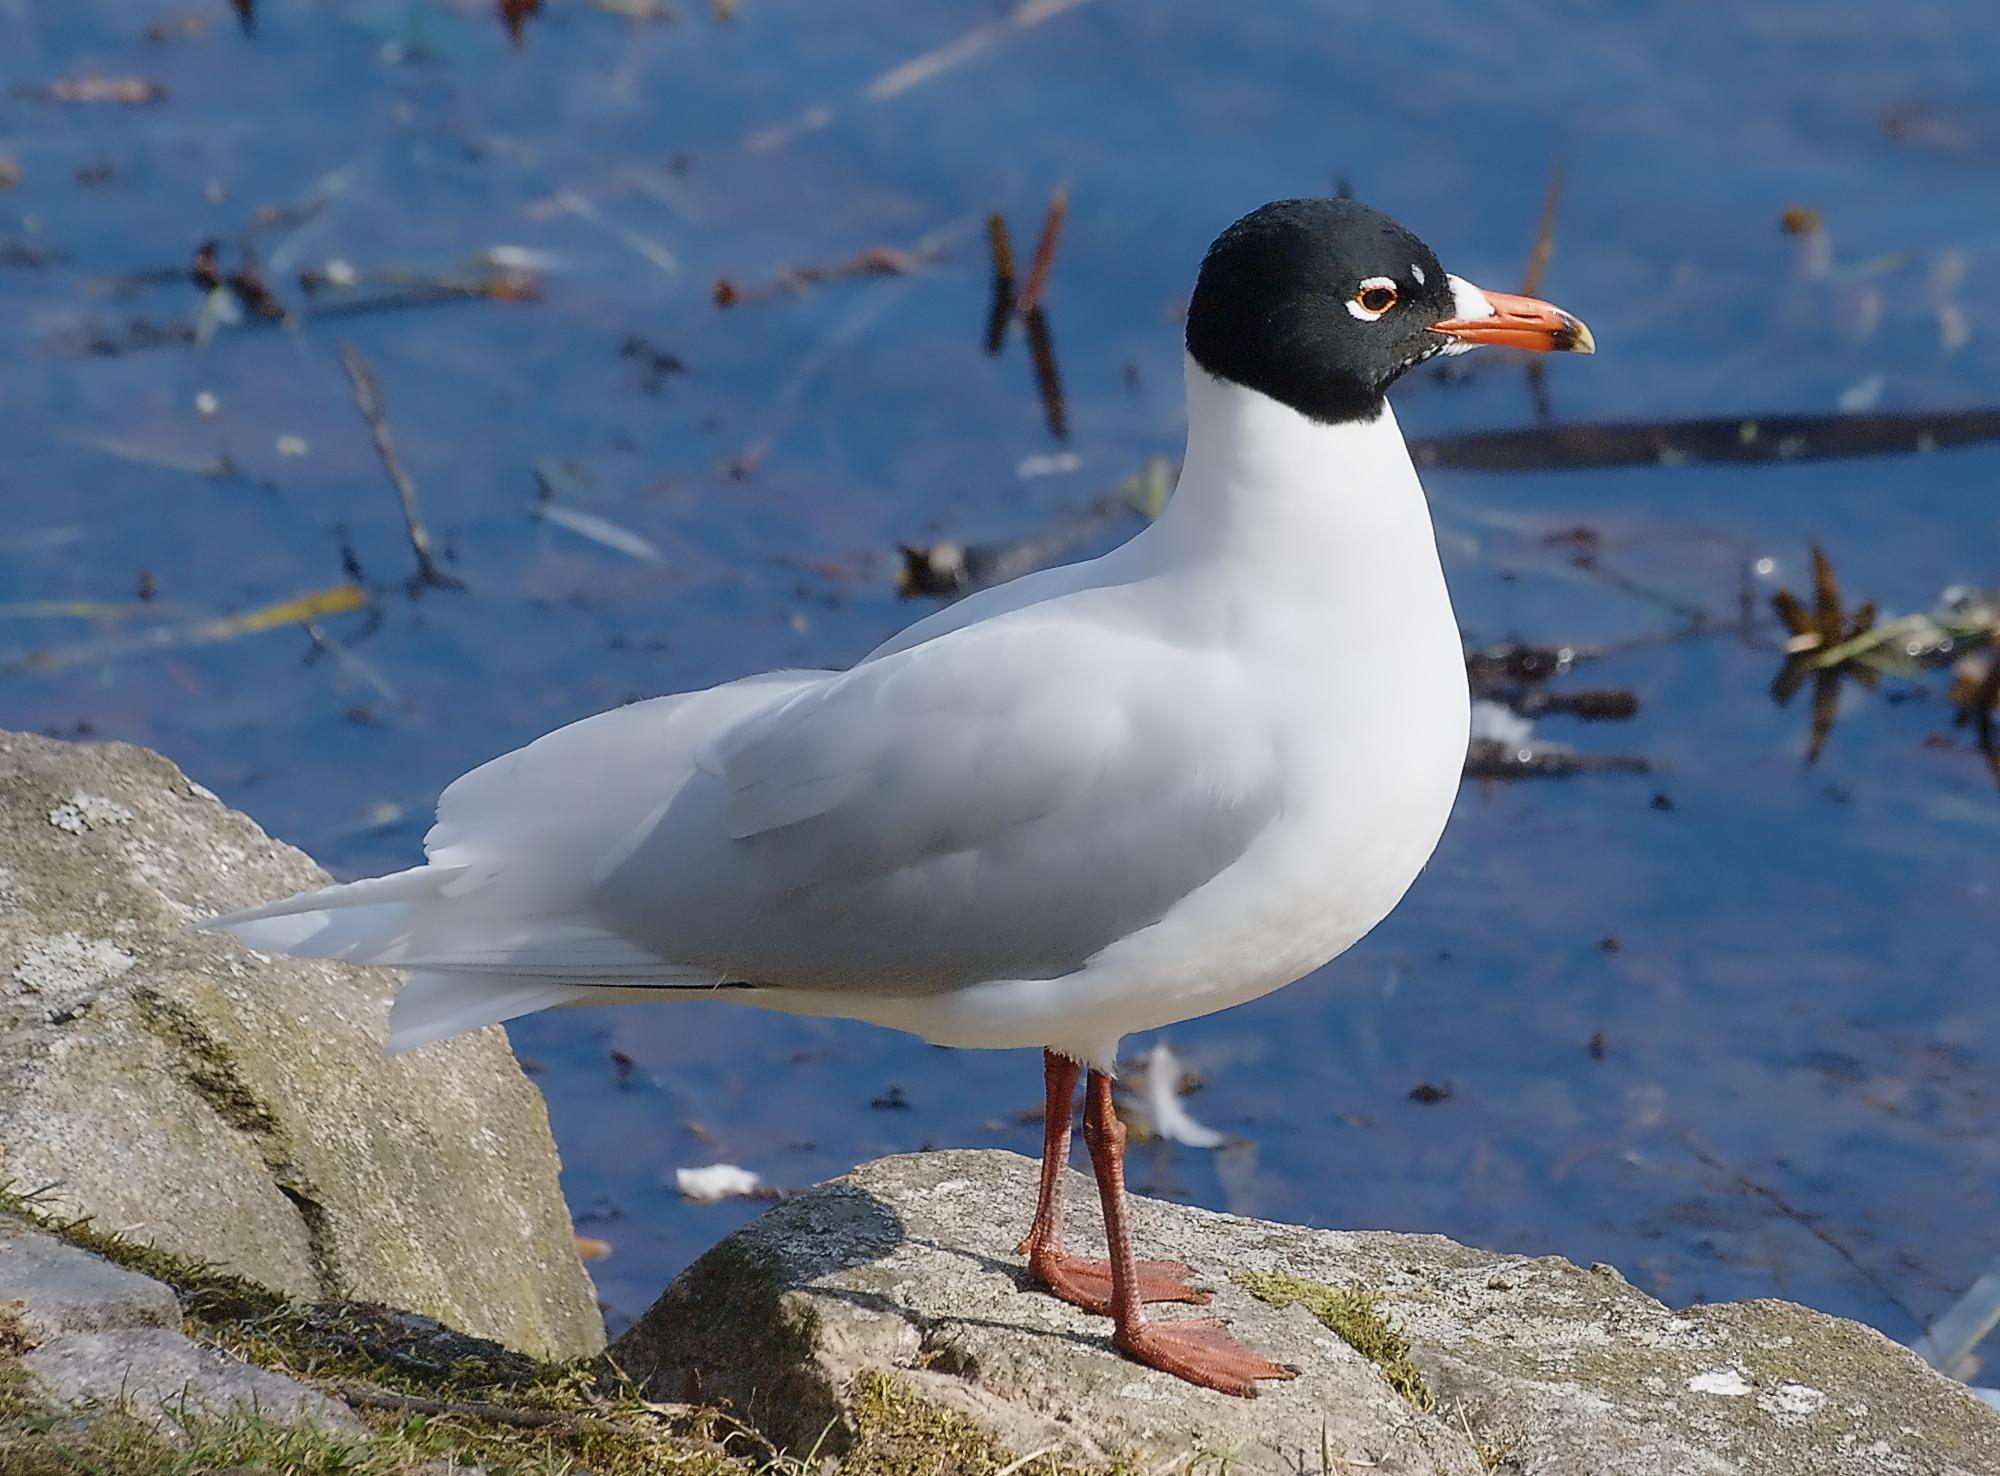 Mediterranean Gull.Credit: Stefan Berndtsson